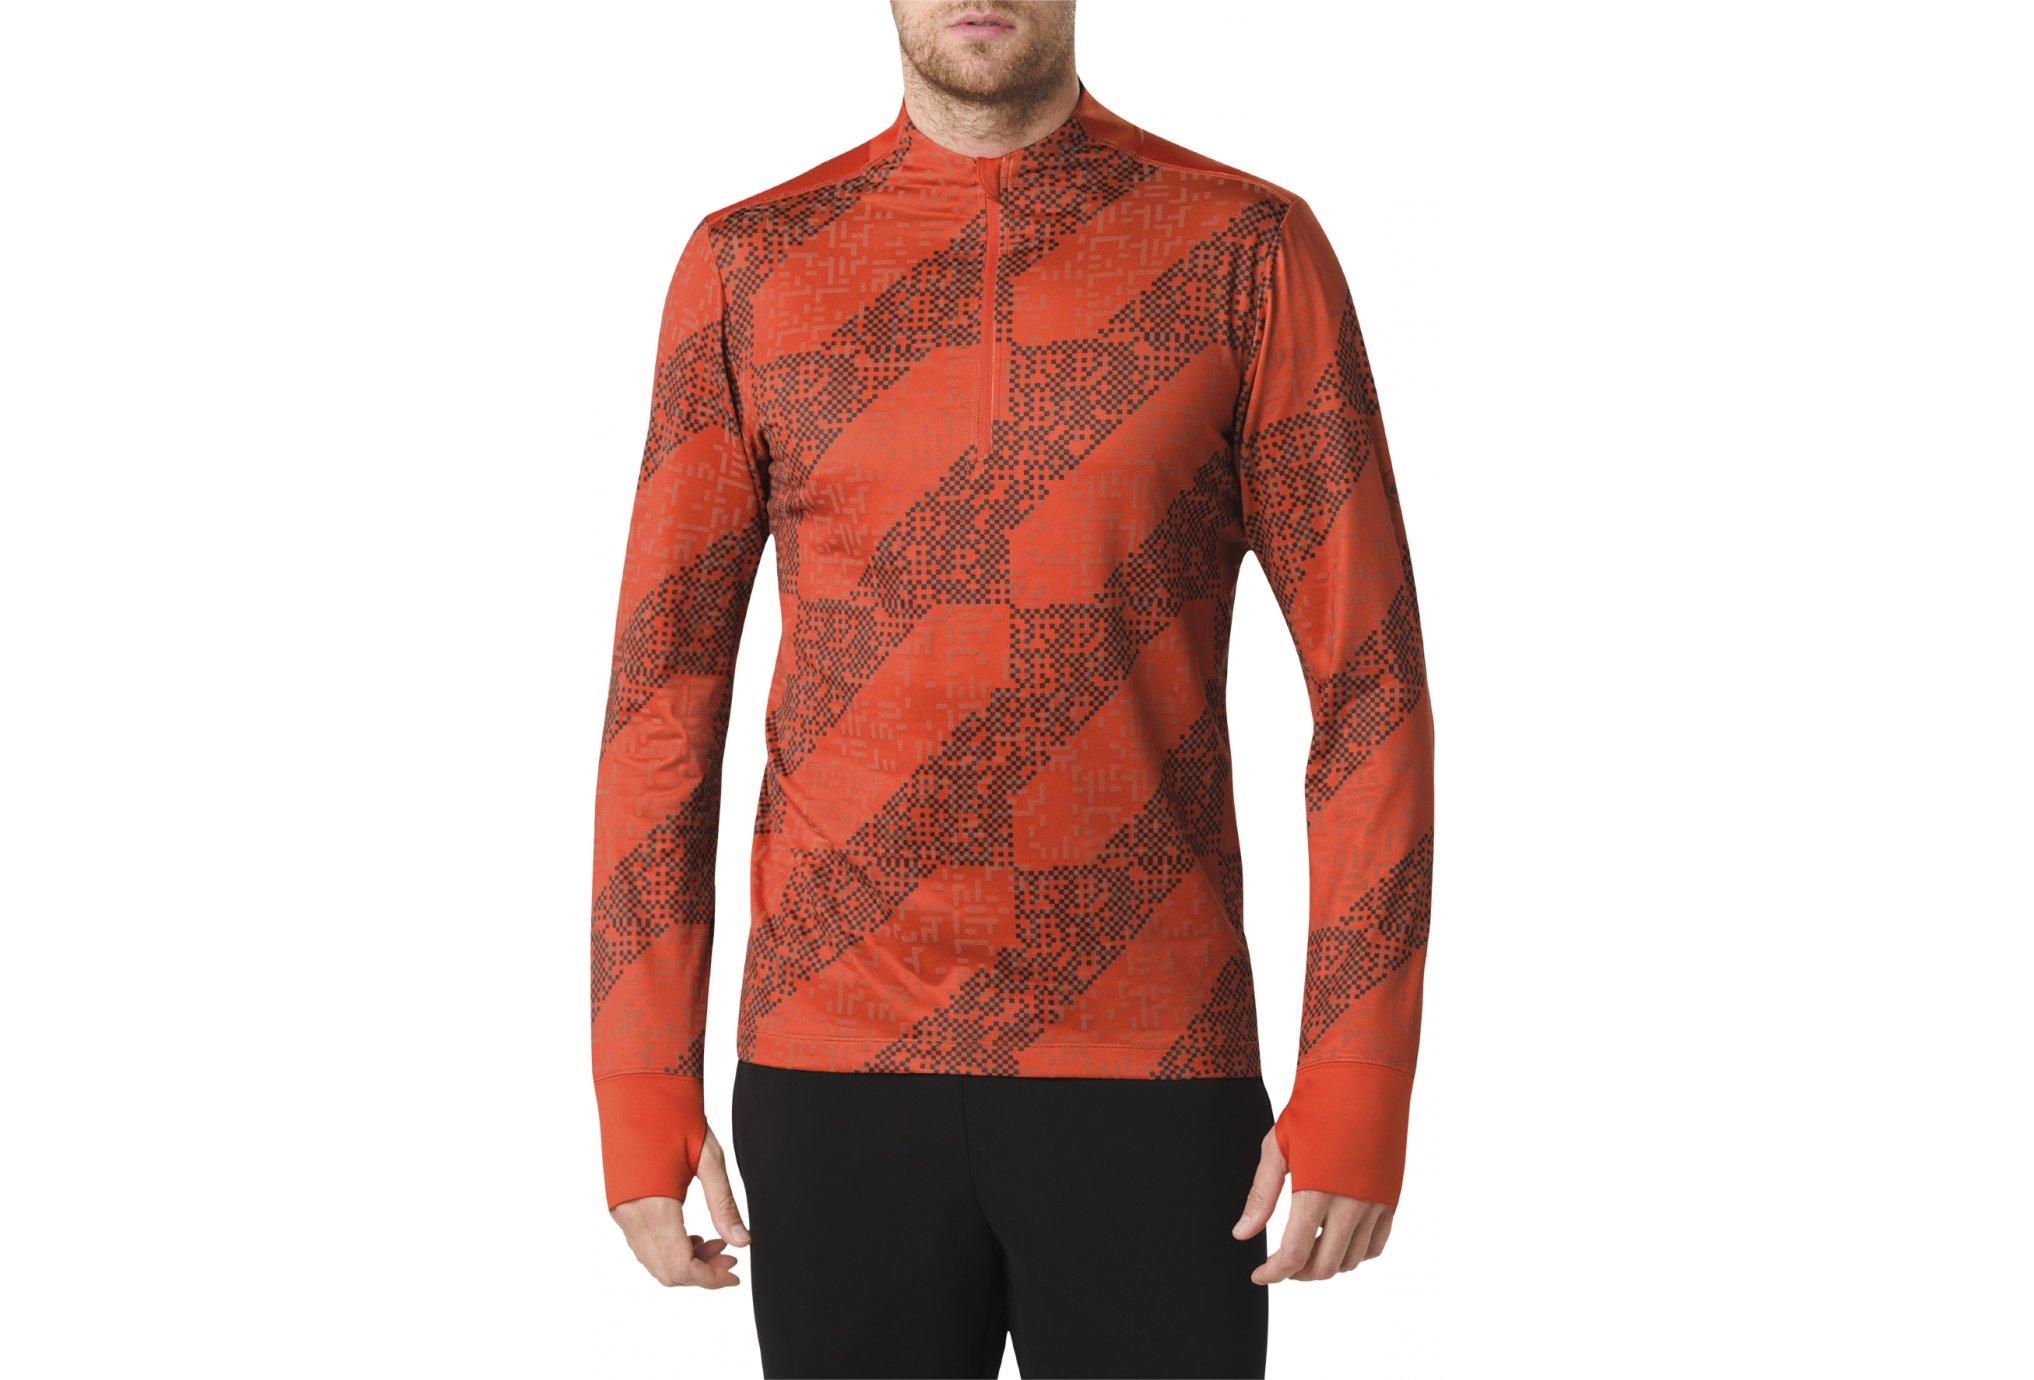 Zip Asics 12 Fortifiée Ls Homme Running Lite La M Show Vêtement 5LRc3Aj4q